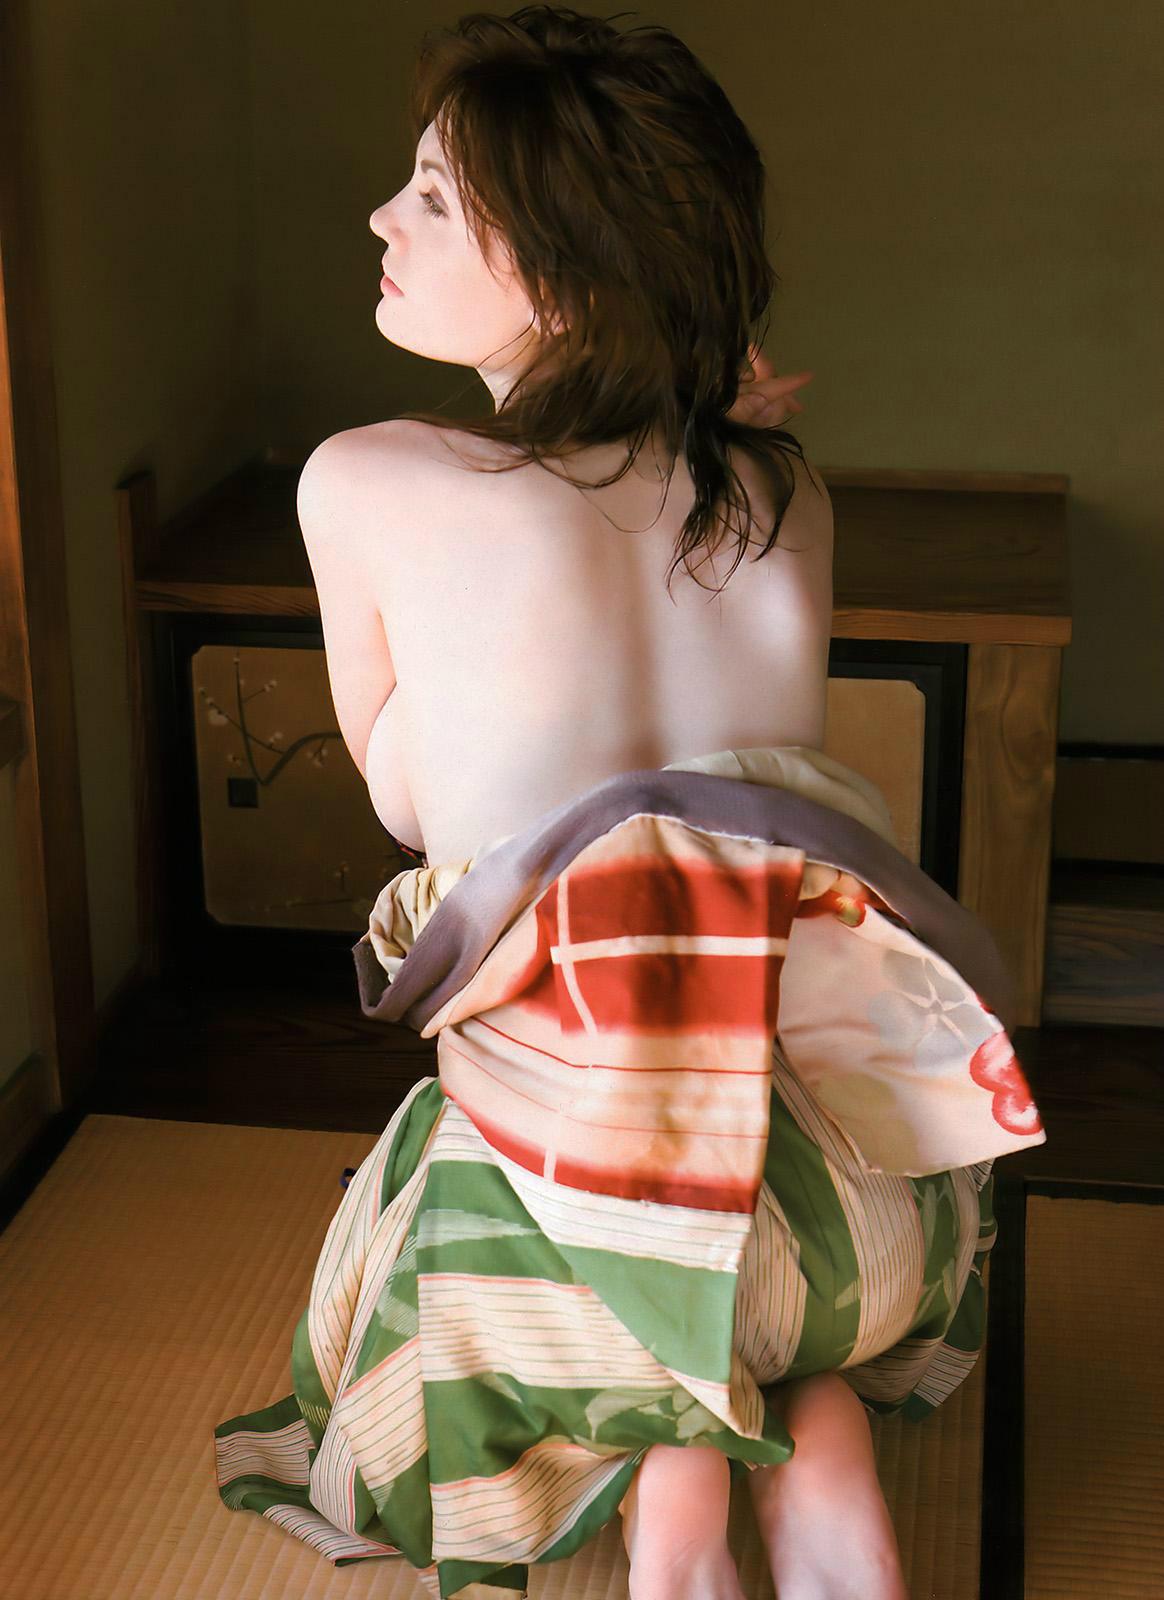 【背中美人エロ画像】後ろ向きでも見えたら巨乳w背中越しに確認できるおっぱいwww 19